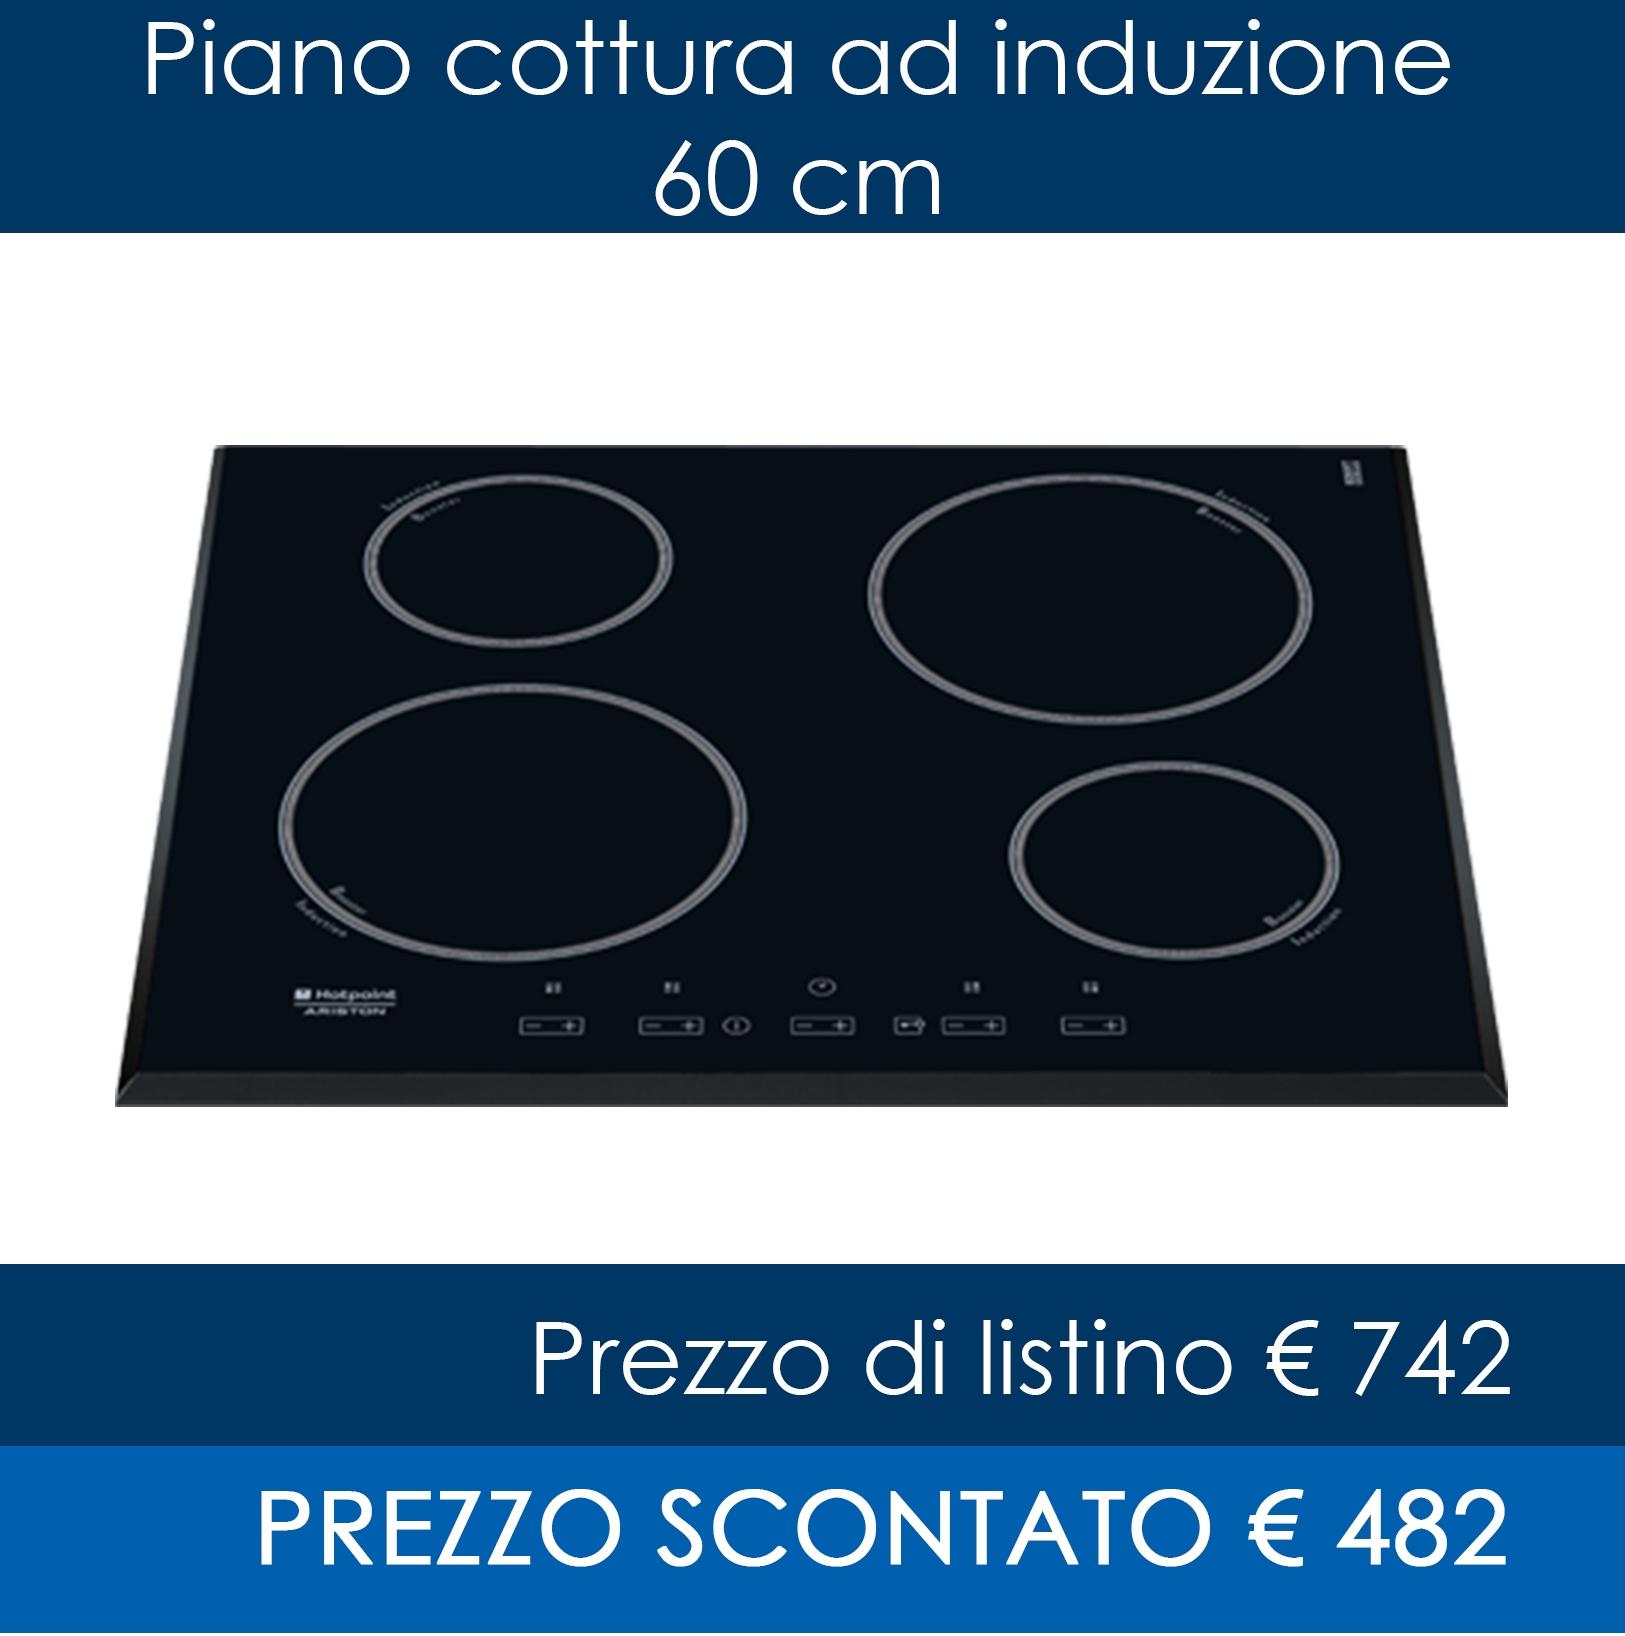 Emejing Fornello A Induzione Prezzi Ideas - Ameripest.us ...